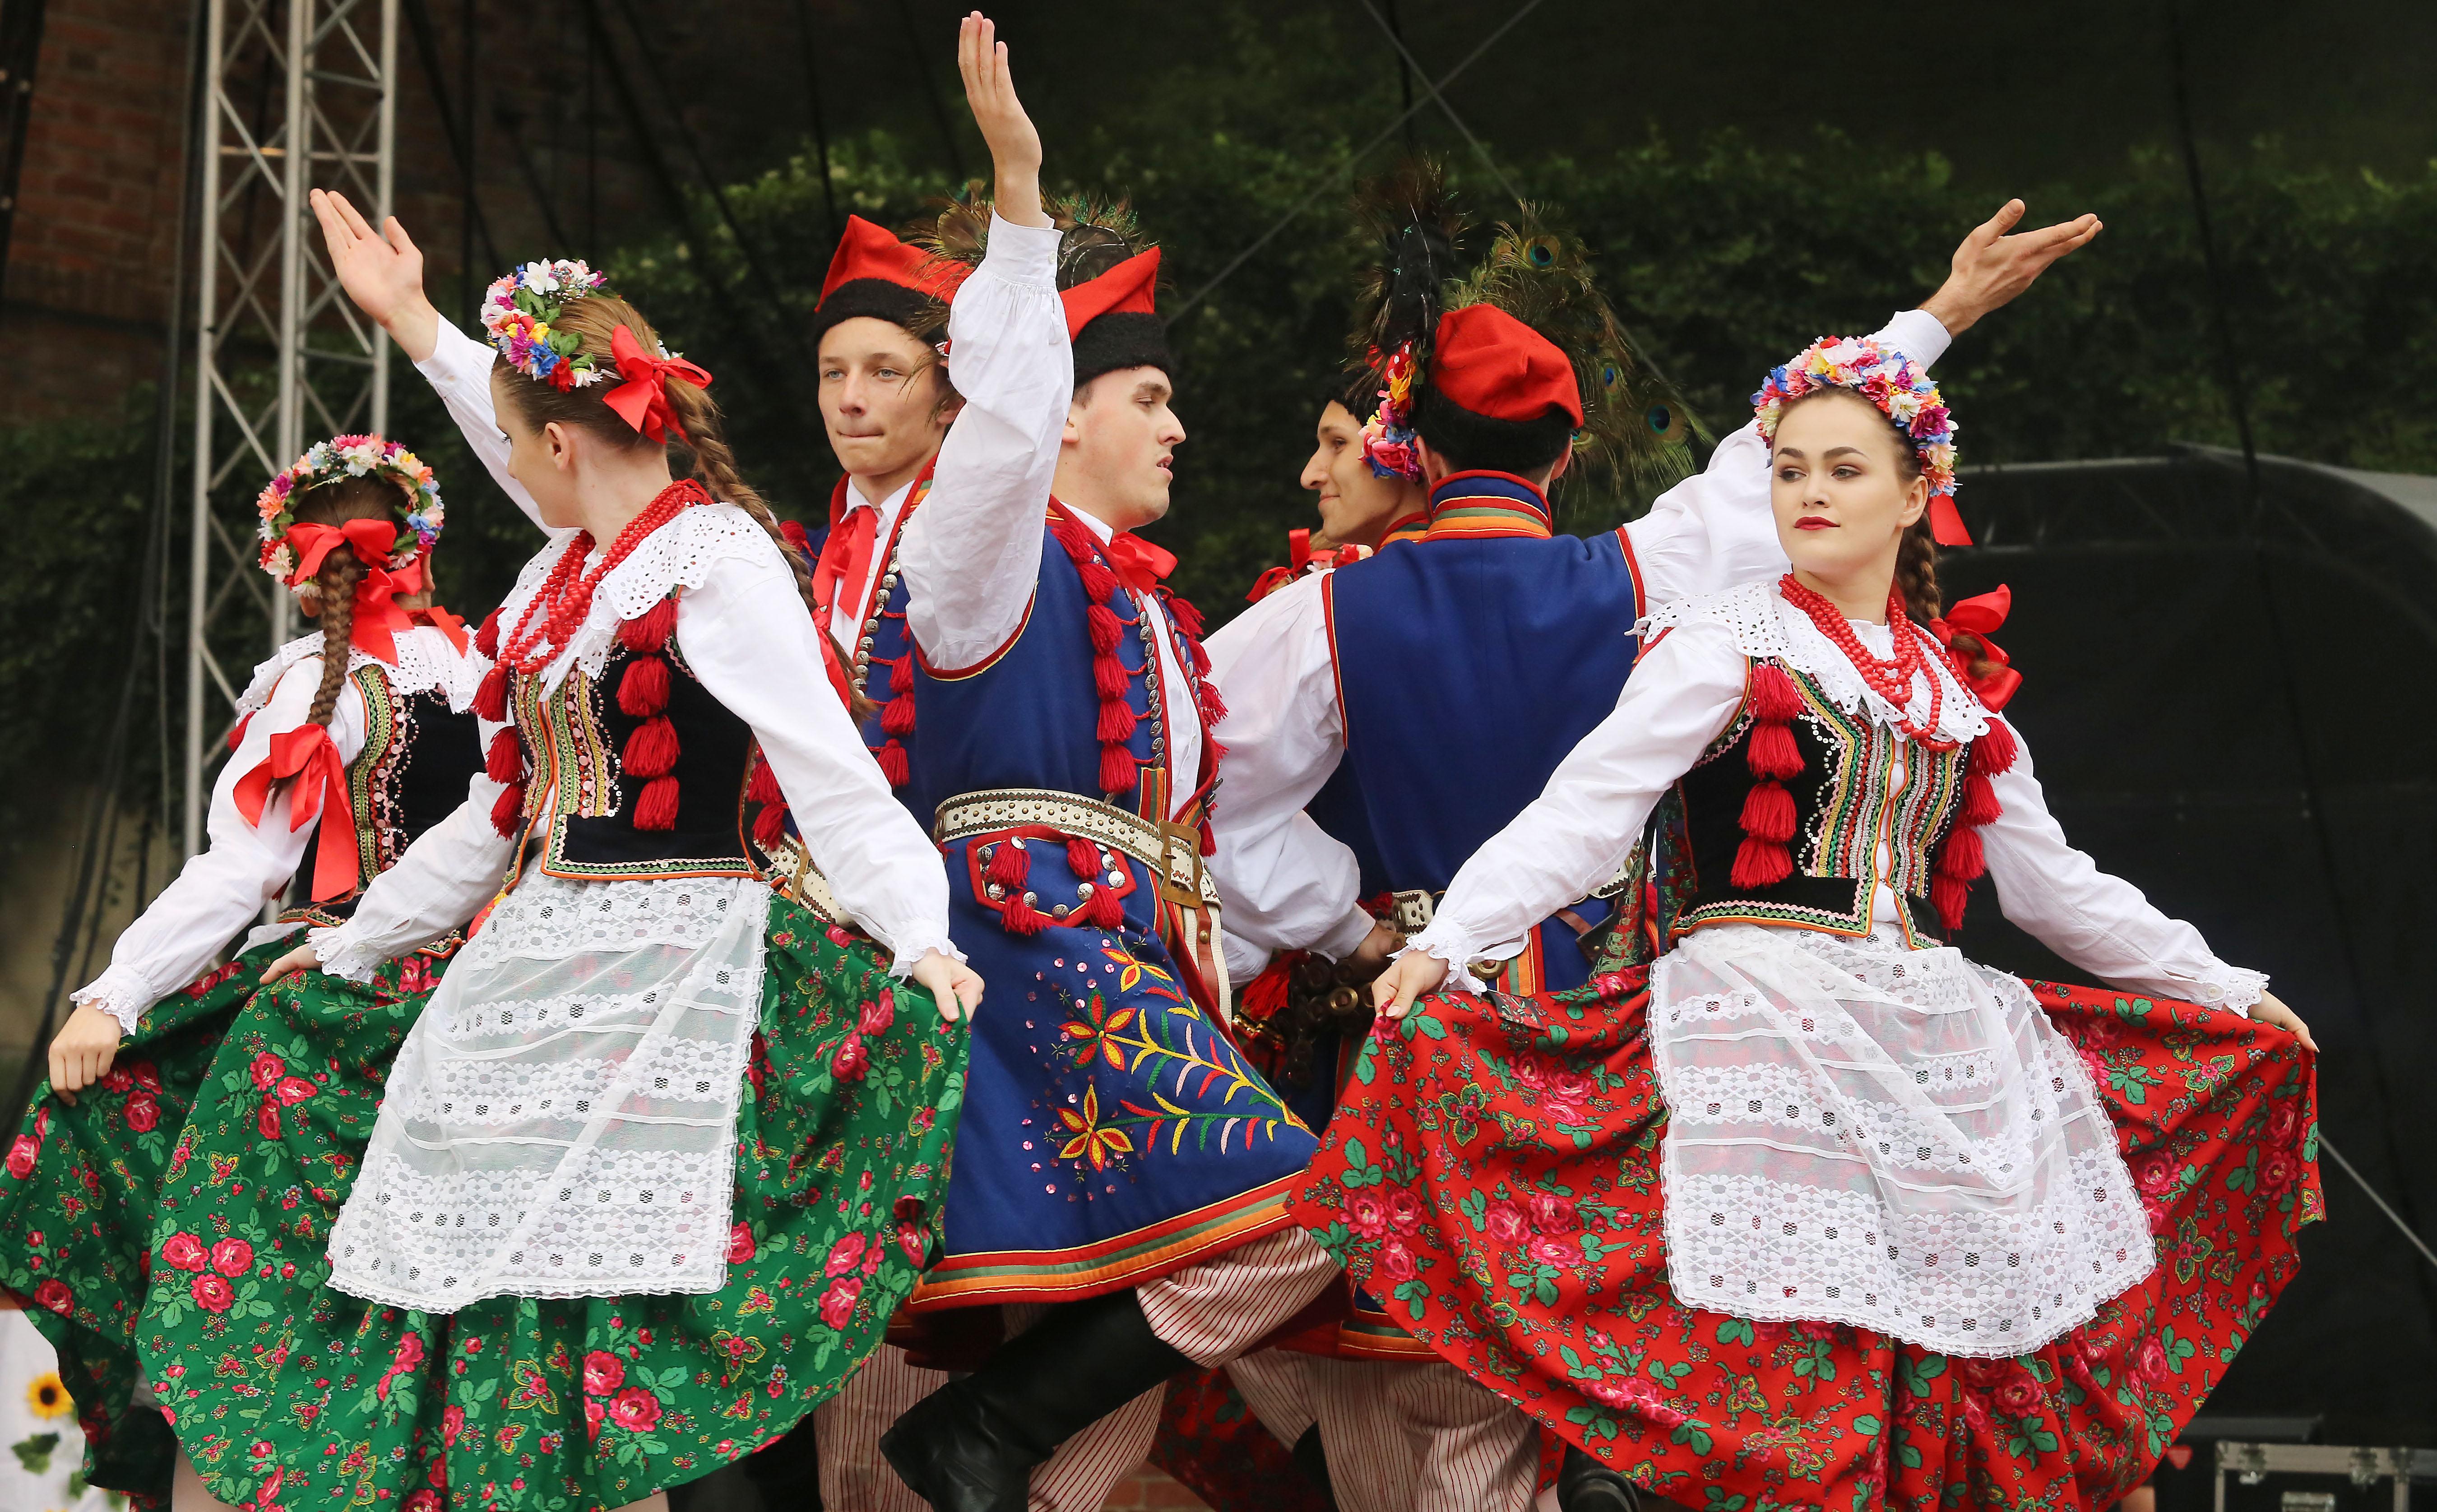 XXII Dni Folkloru Warmia. Ostatni dzień wielkiej imprezy [zdjęcia]